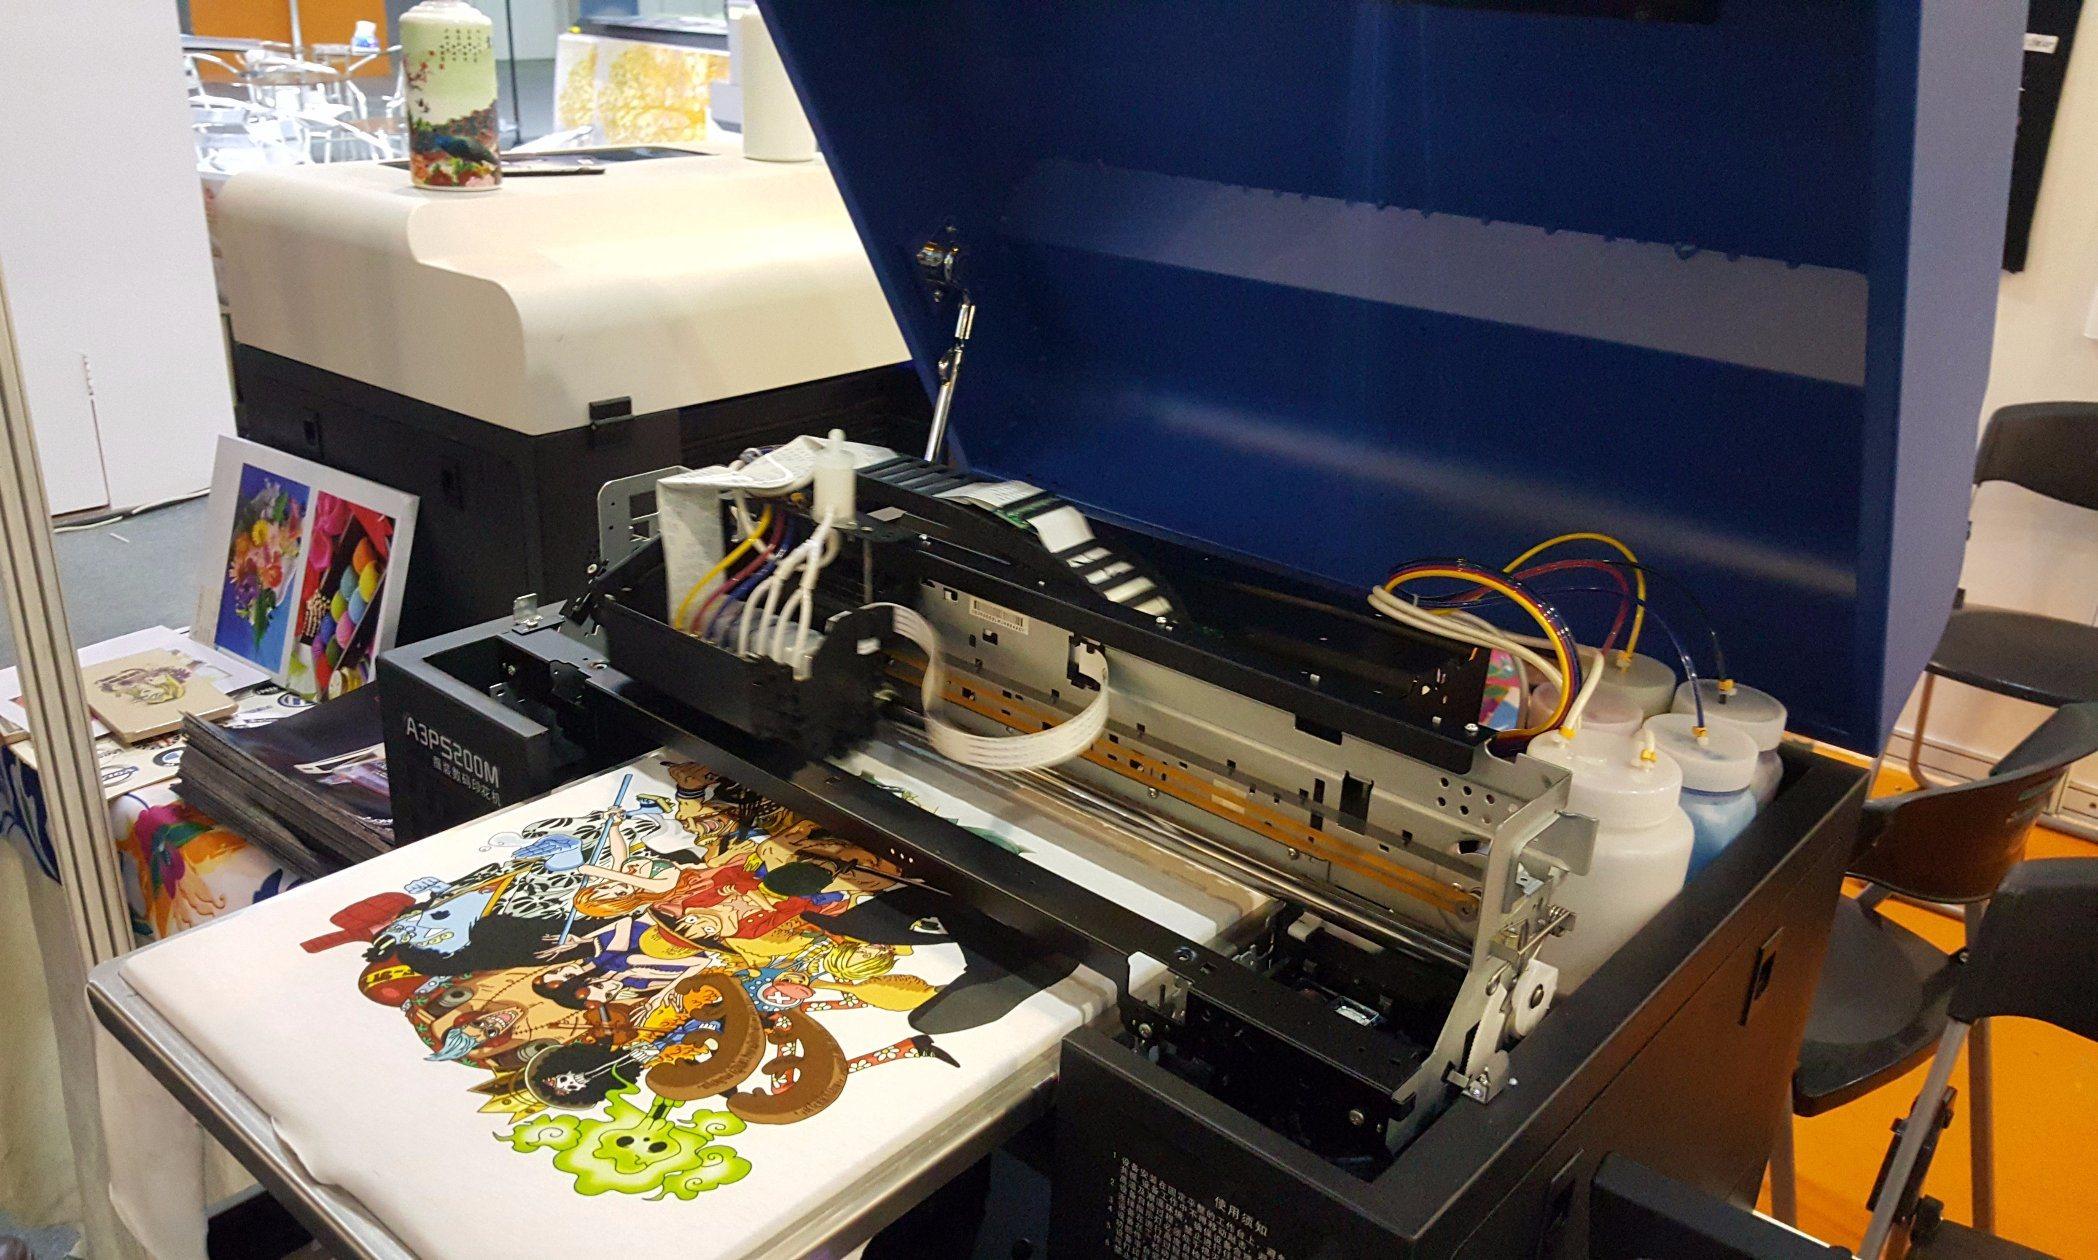 diy direct to garment printer - DIY Campbellandkellarteam